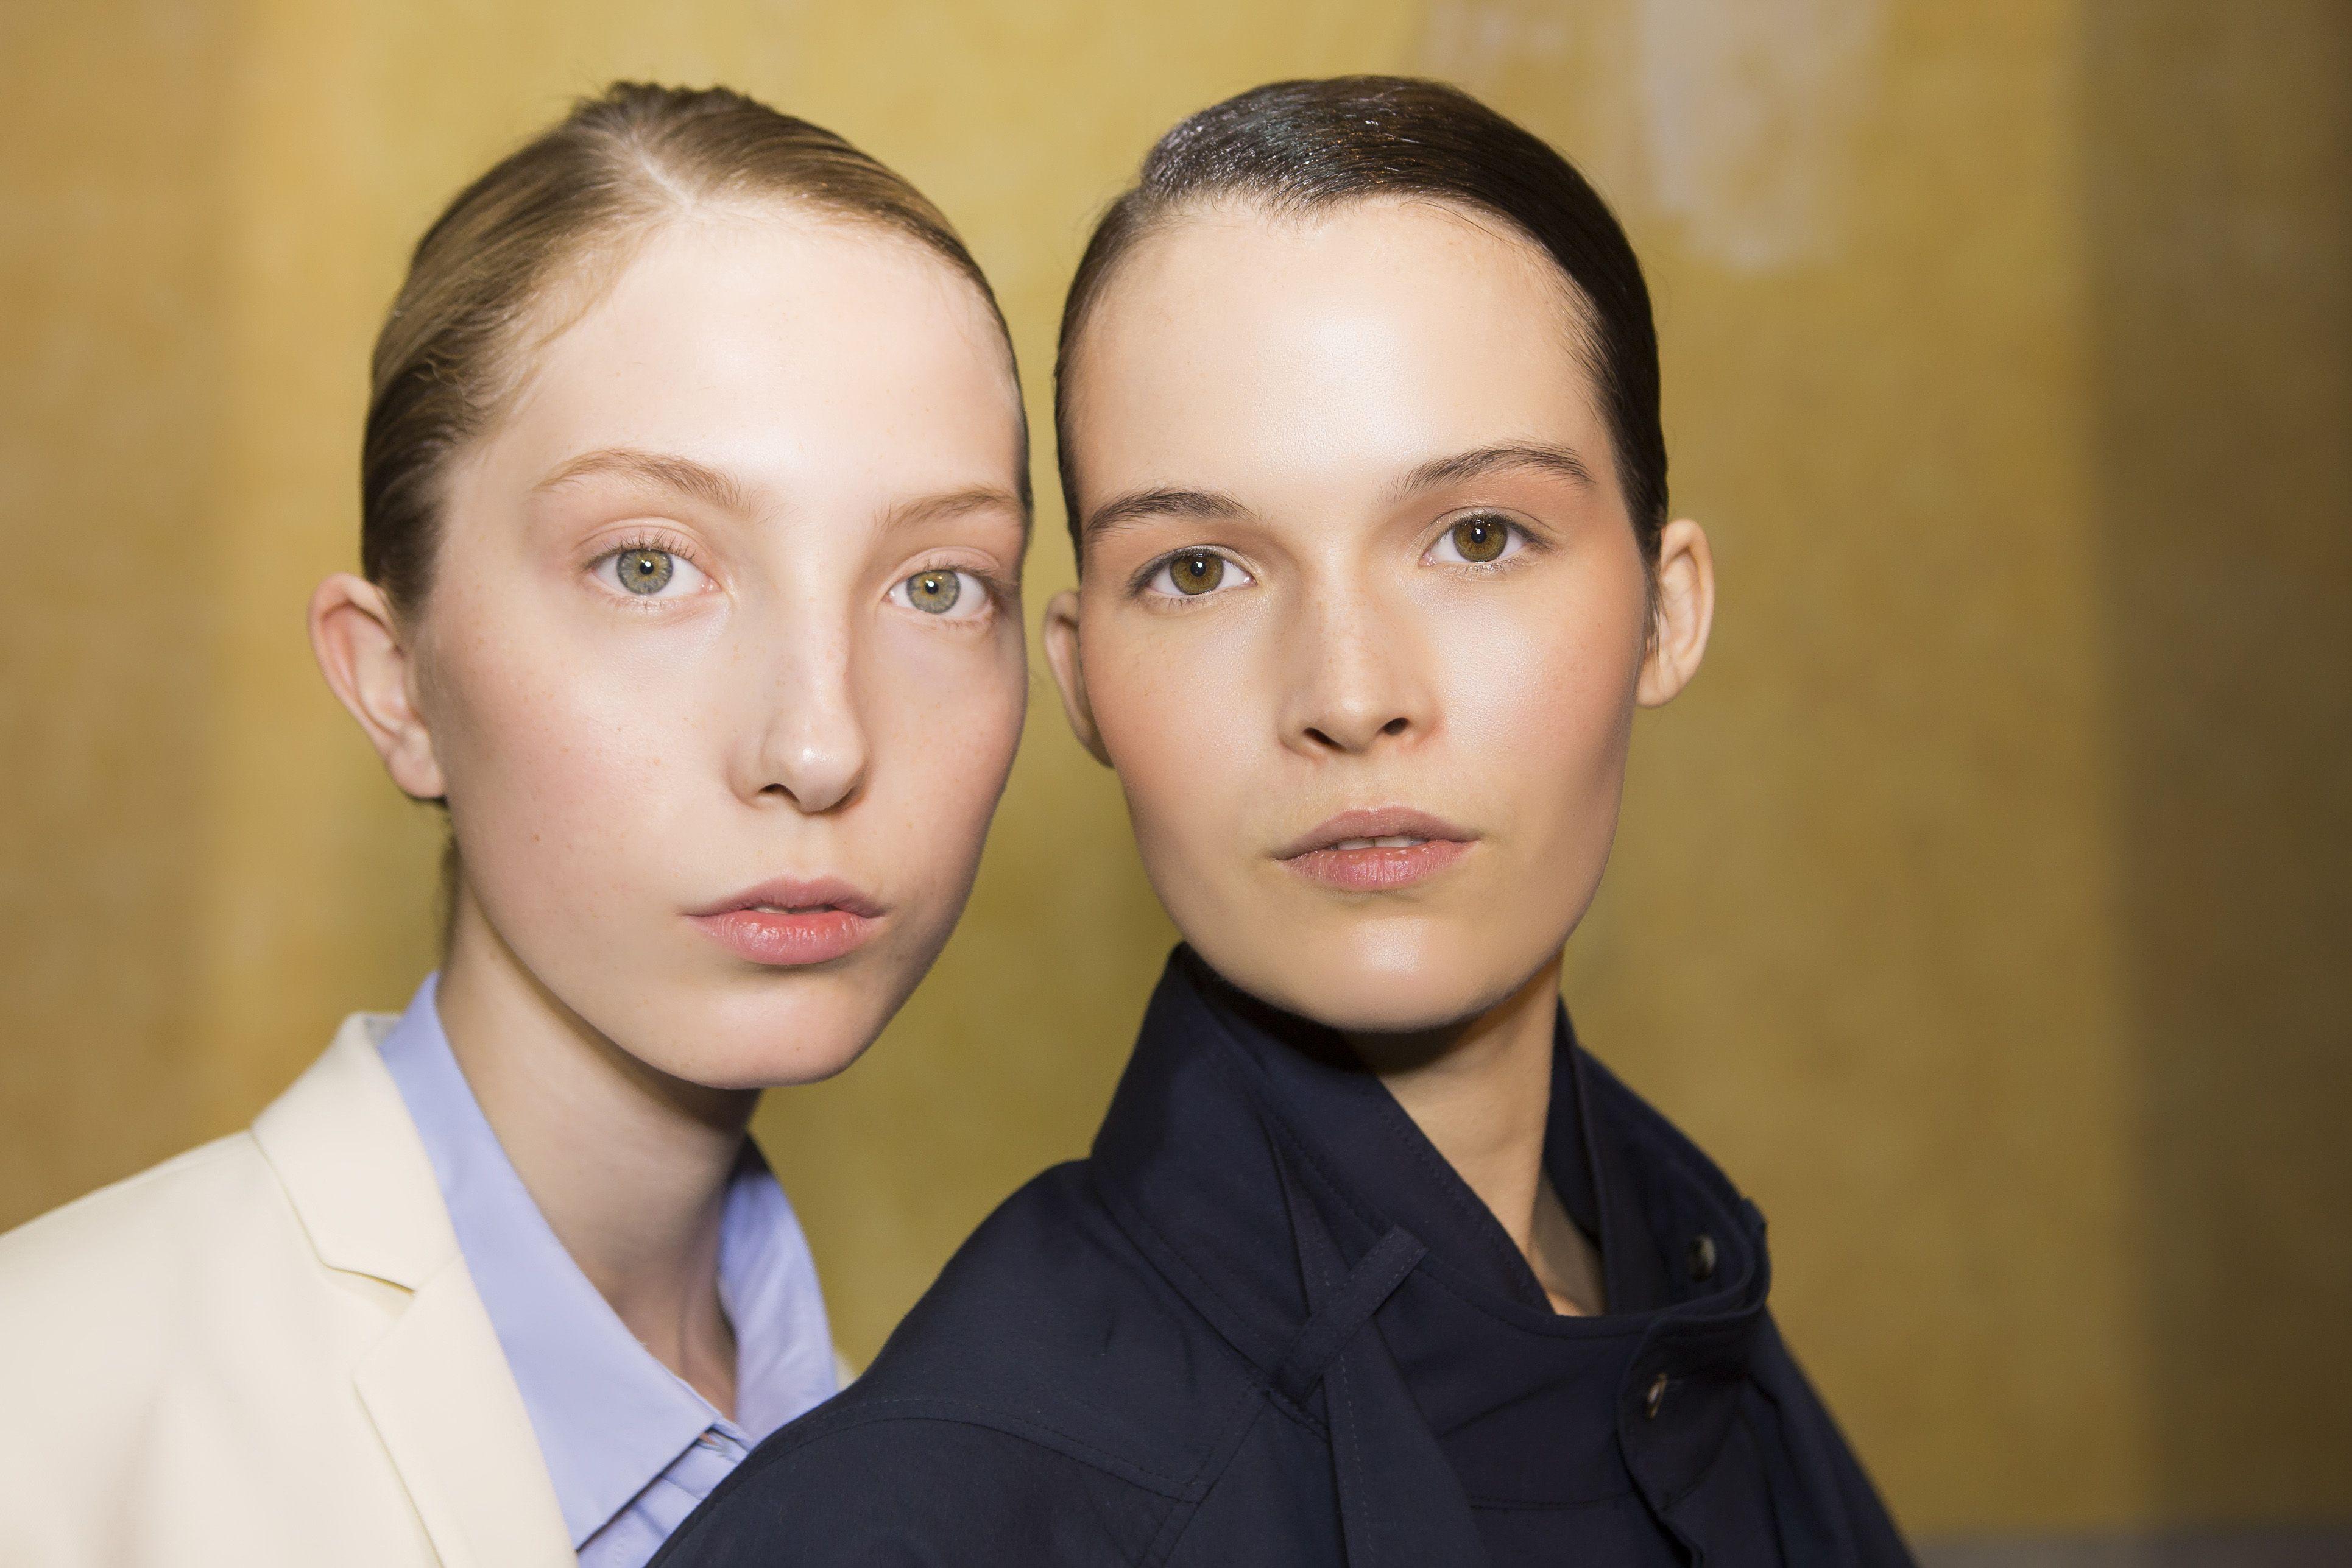 Cambiare taglio di capelli psicologia